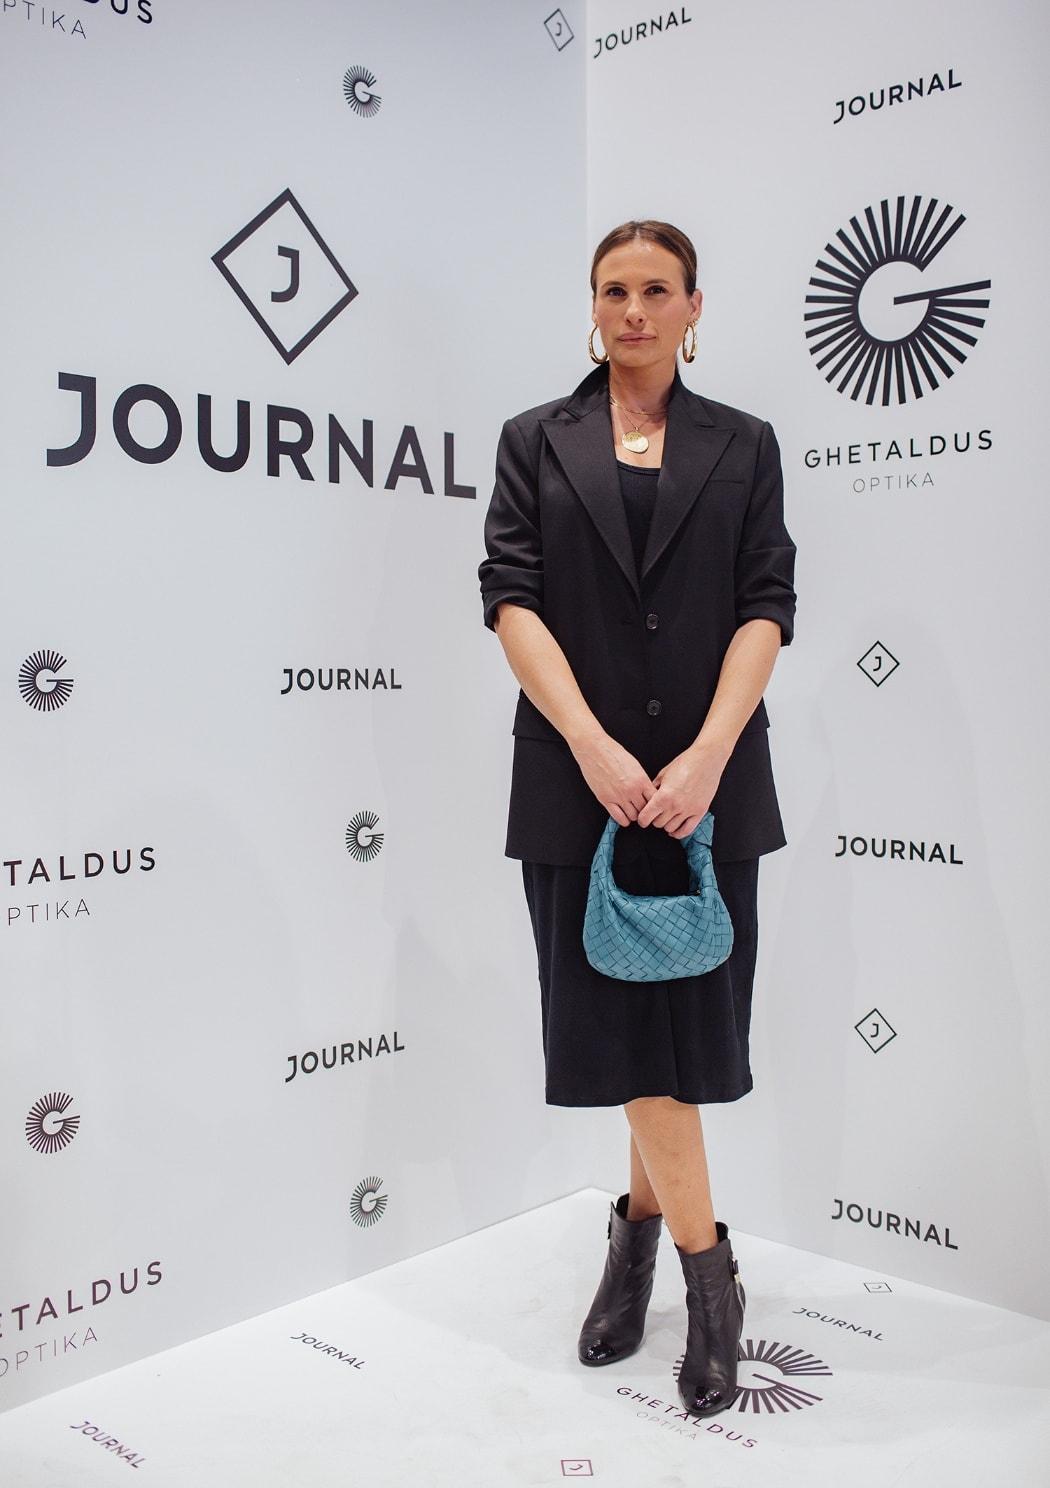 Ghetaldus Boutique event 2021.